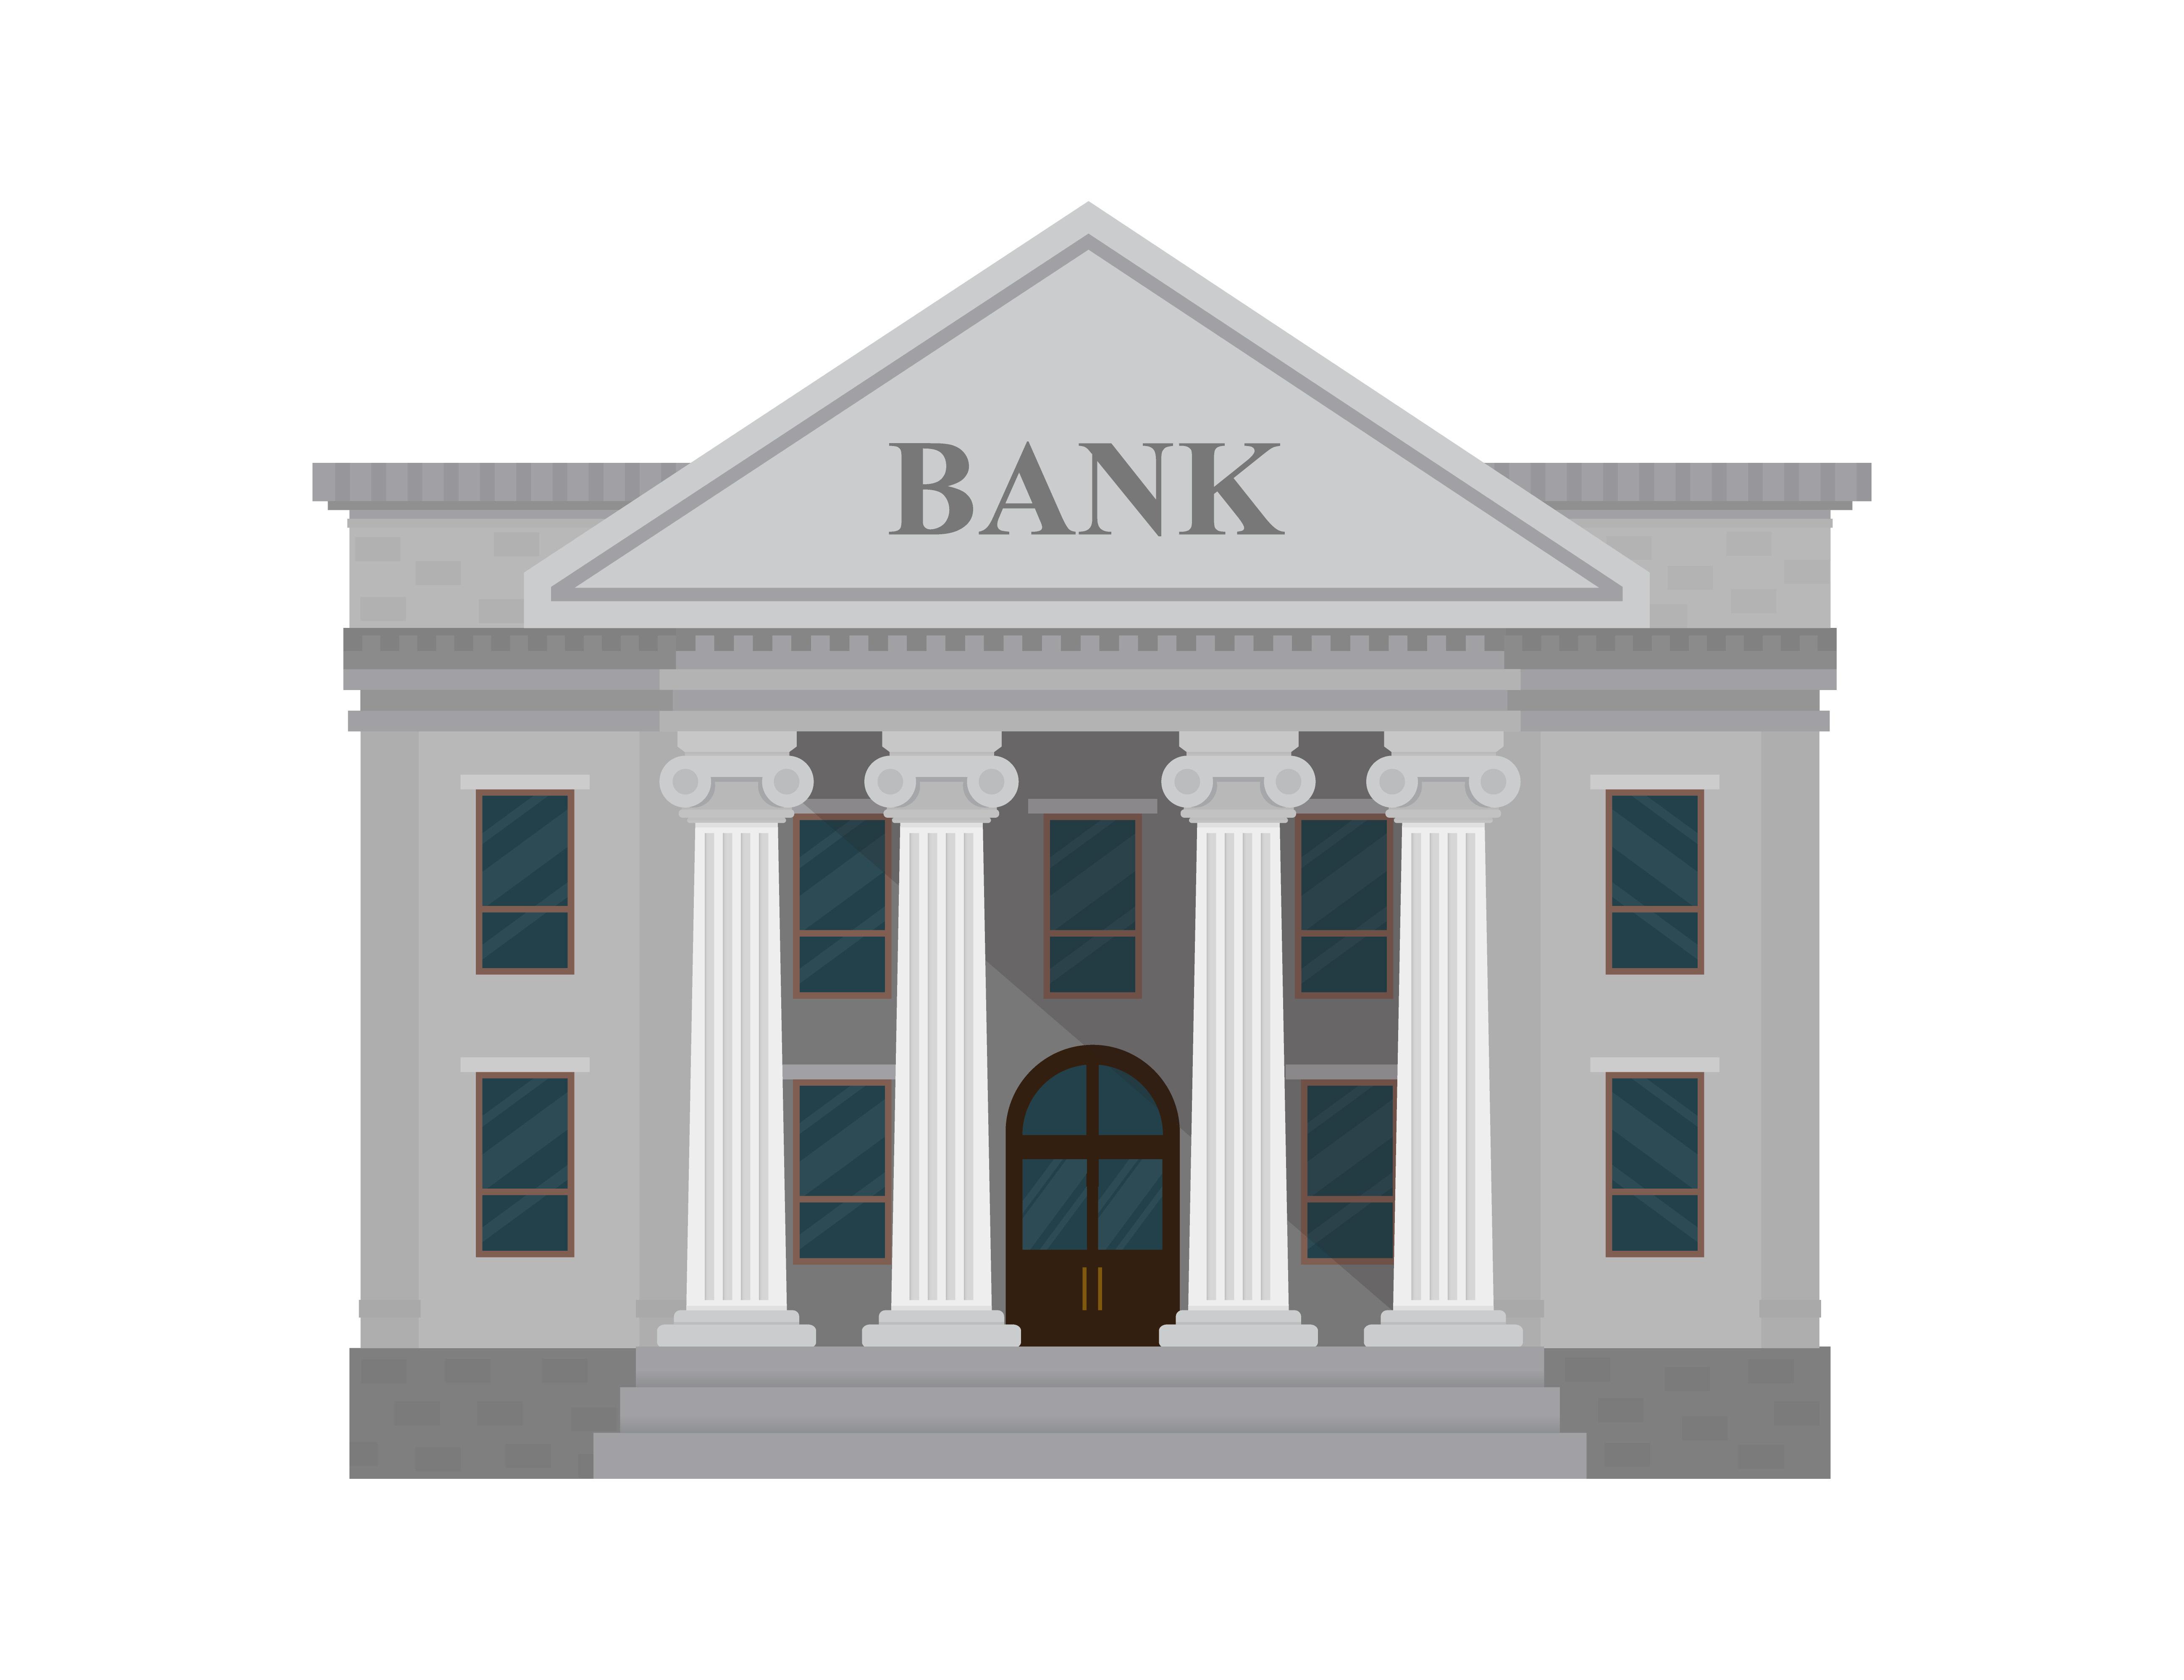 банк здание картинки вчера жену